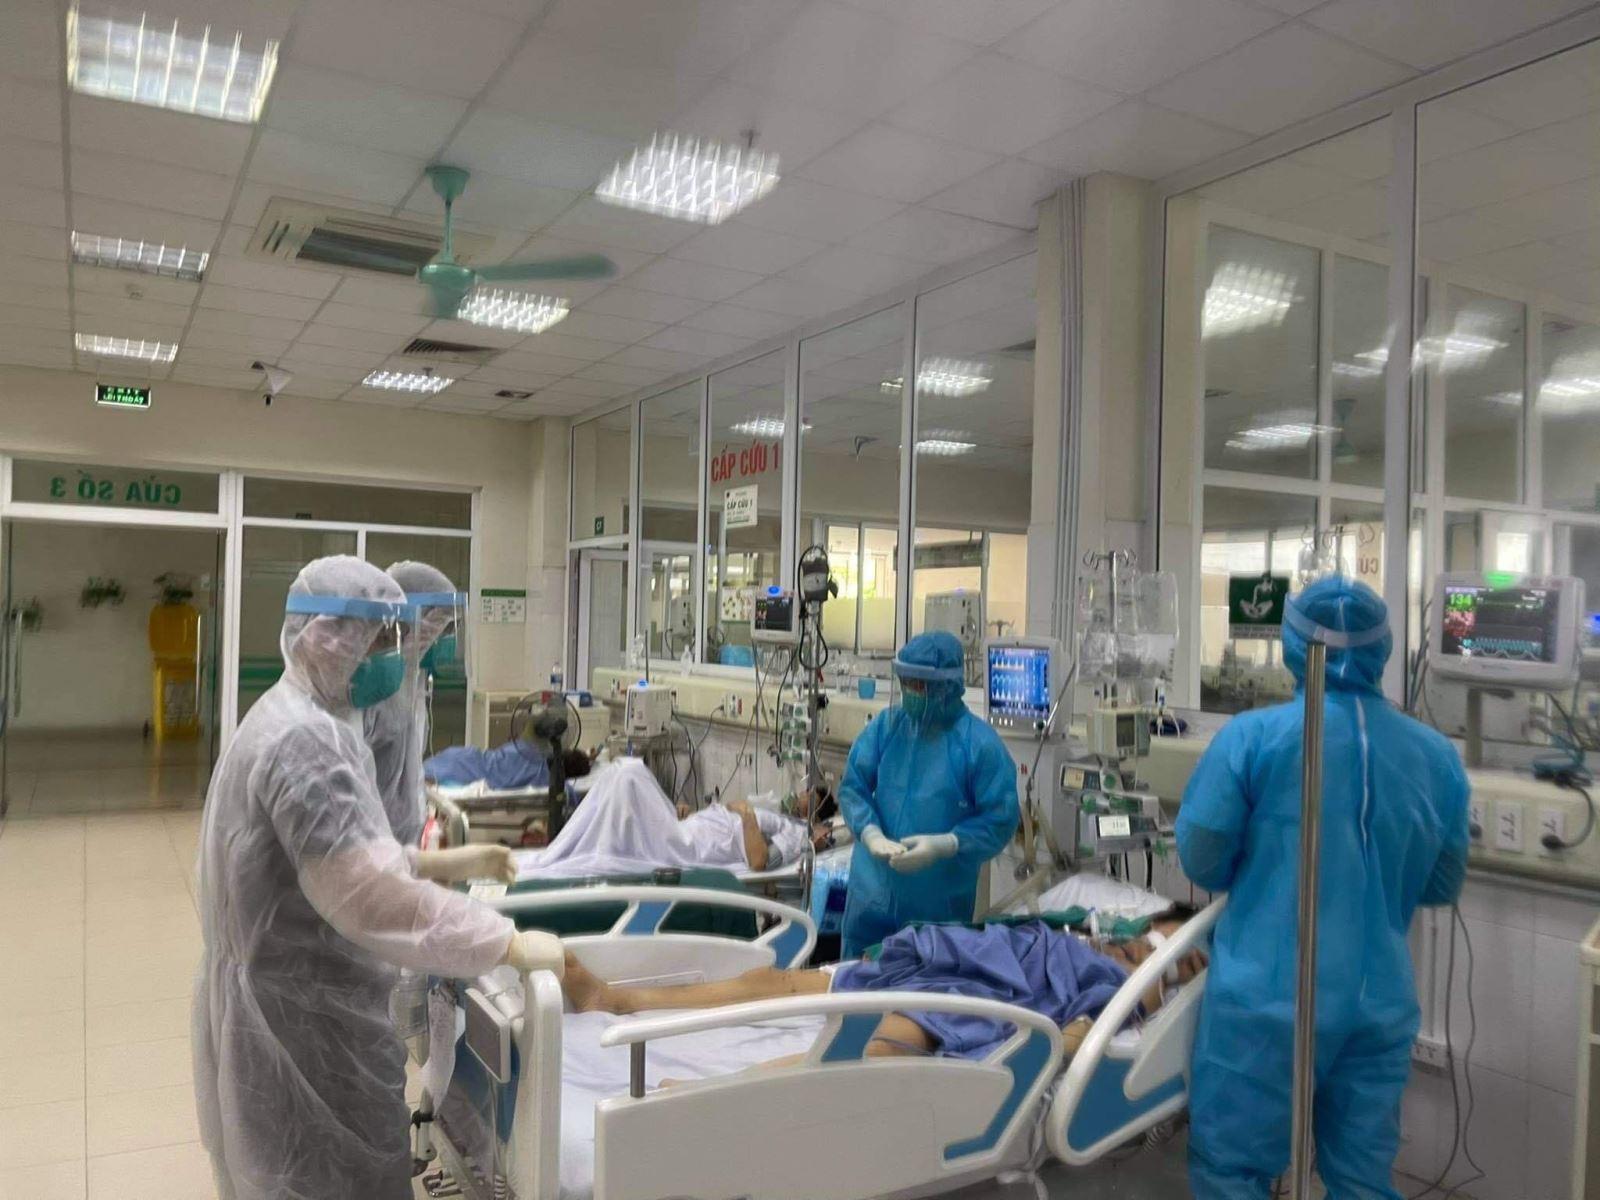 Cần biết: 4 tiêu chí phân loại nguy cơ người nhiễm SARS-CoV-2 của Bộ Y tế - Ảnh 3.